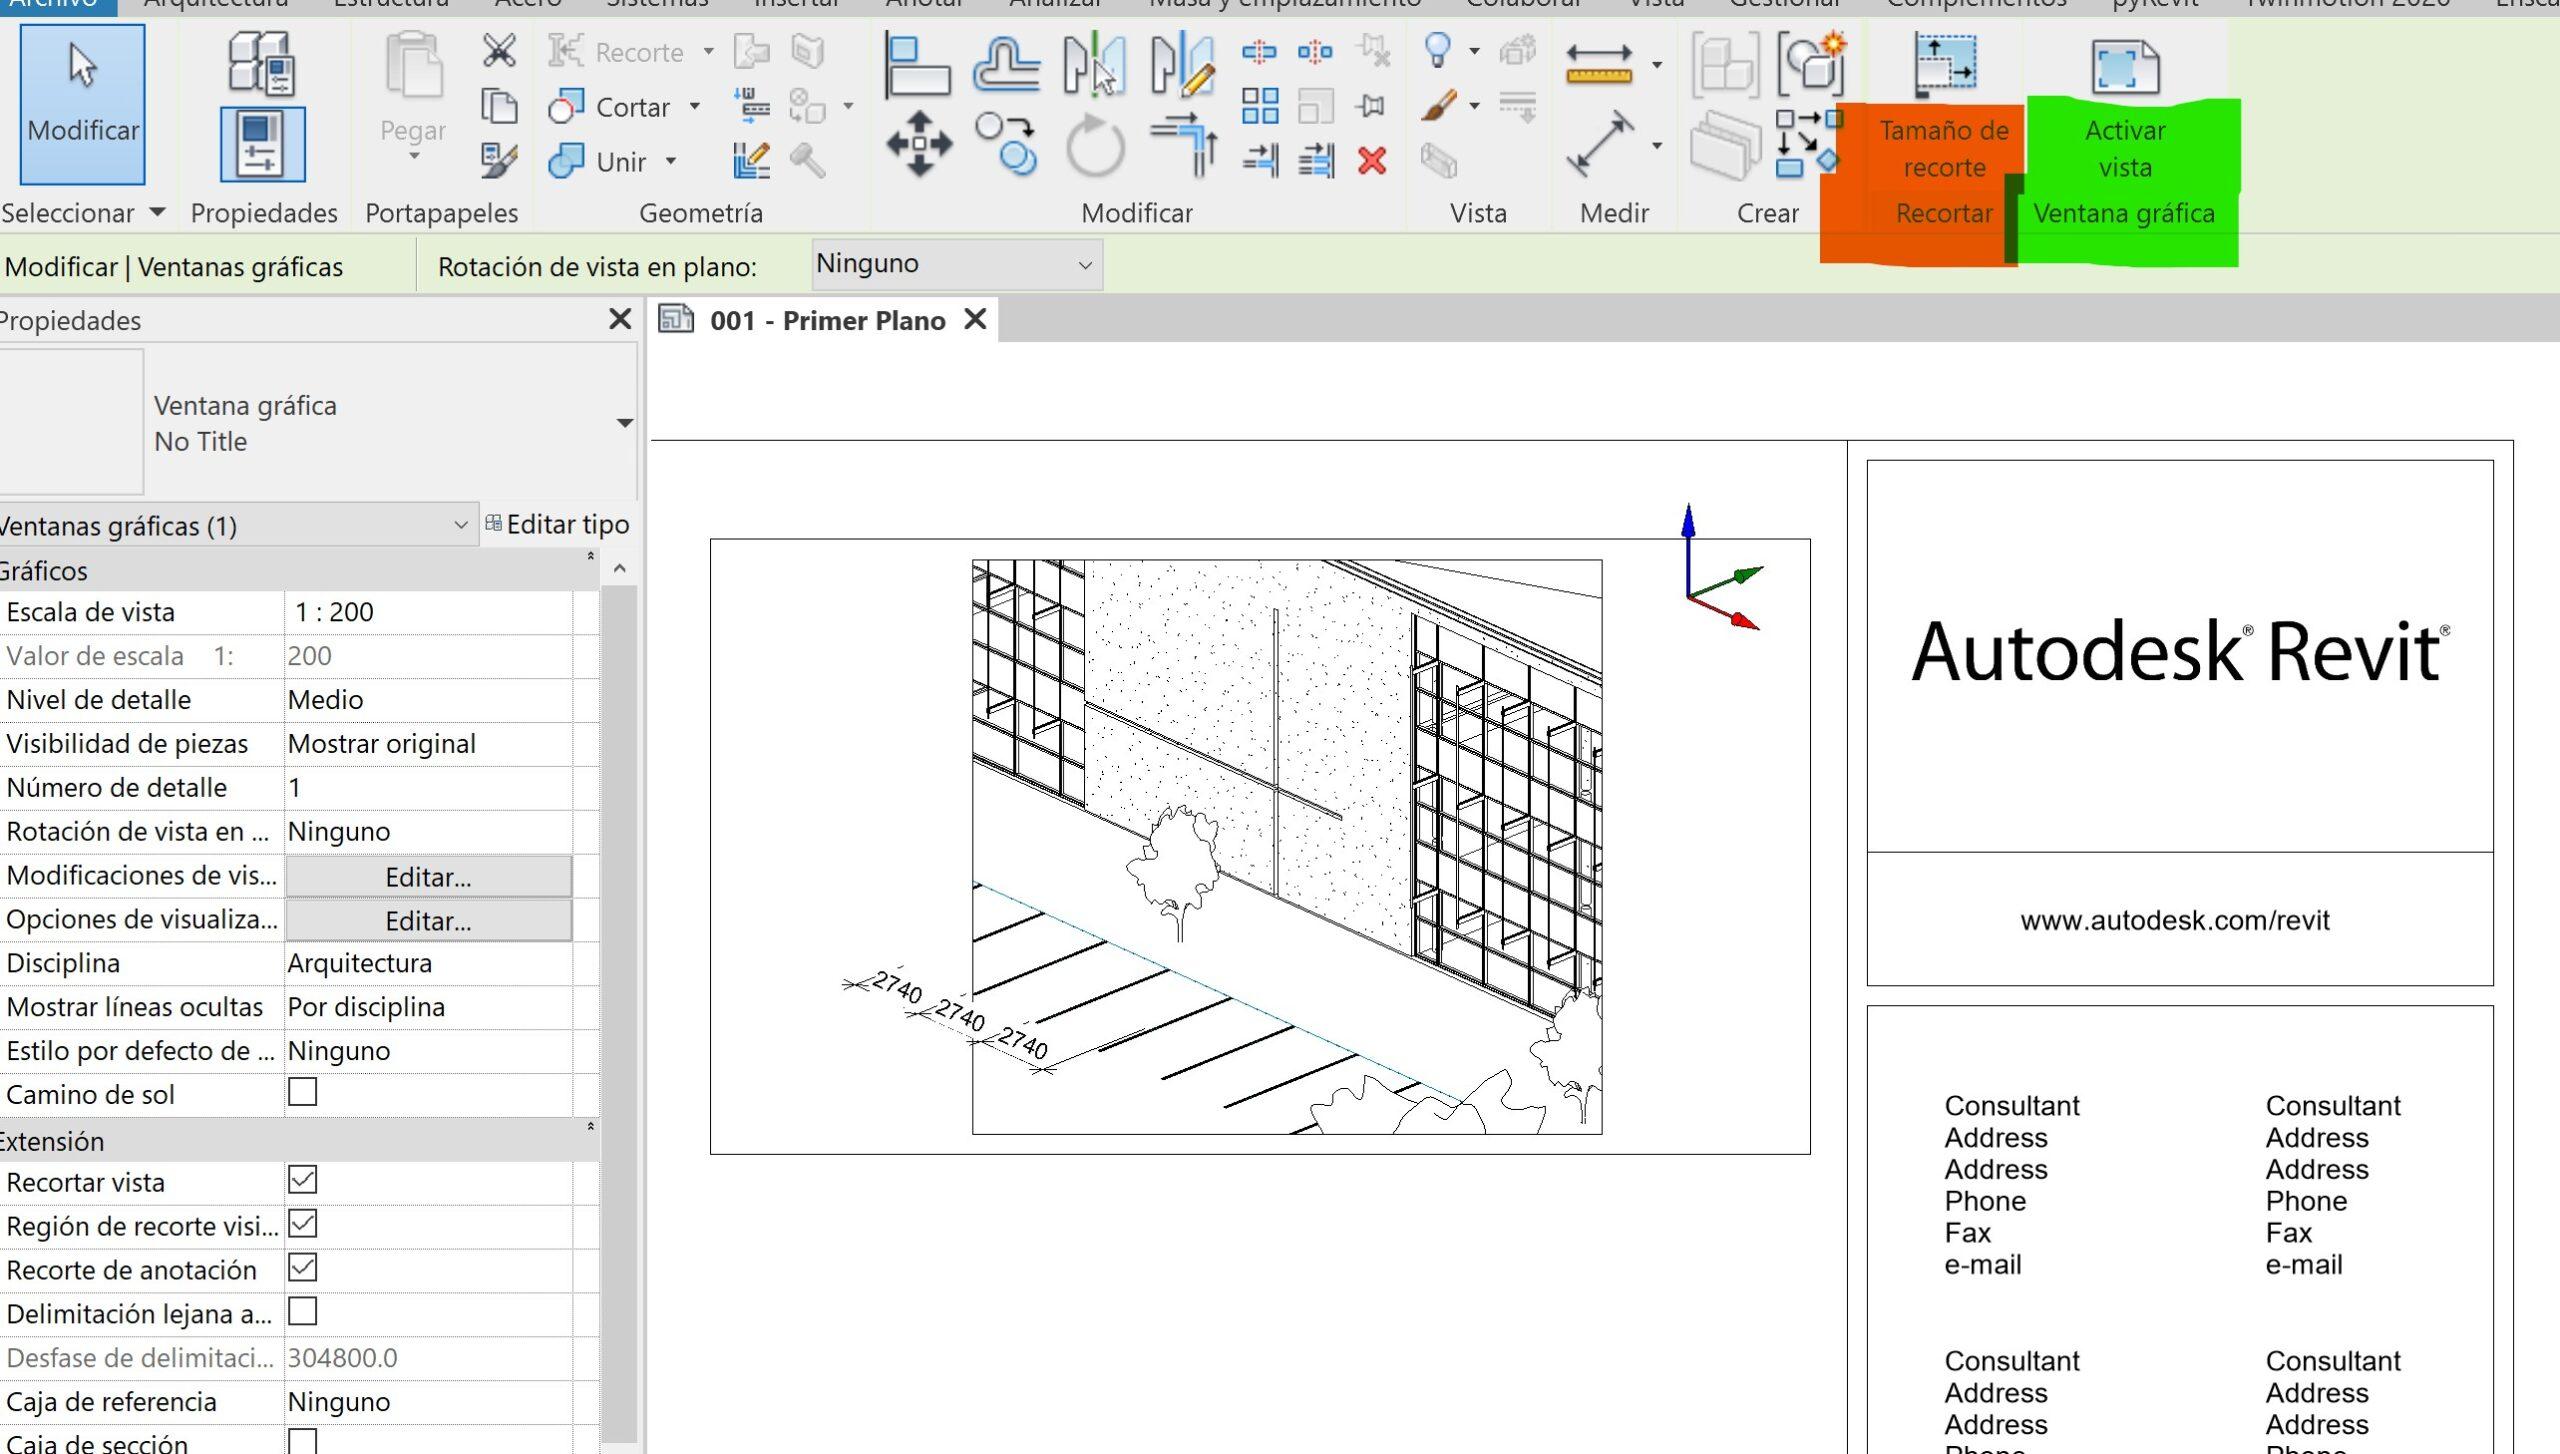 RE: ¿Cómo adaptar los límites de la ventana gráfica?